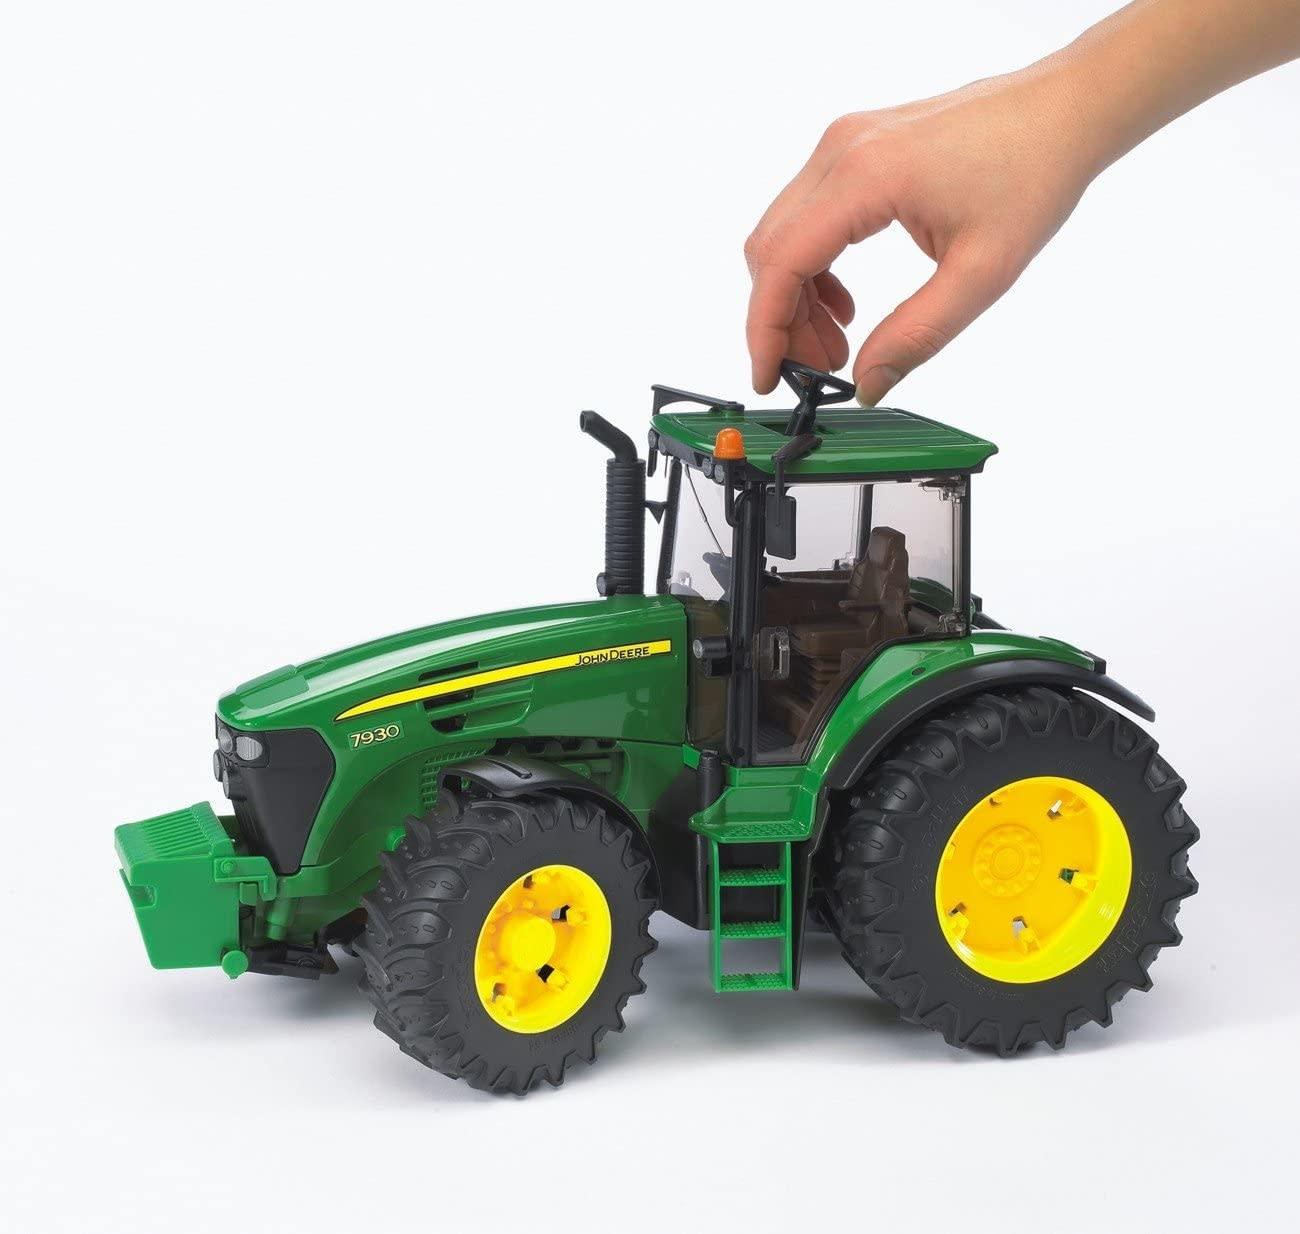 John Deere Tractor 7930 w/ Double Wheels by Bruder